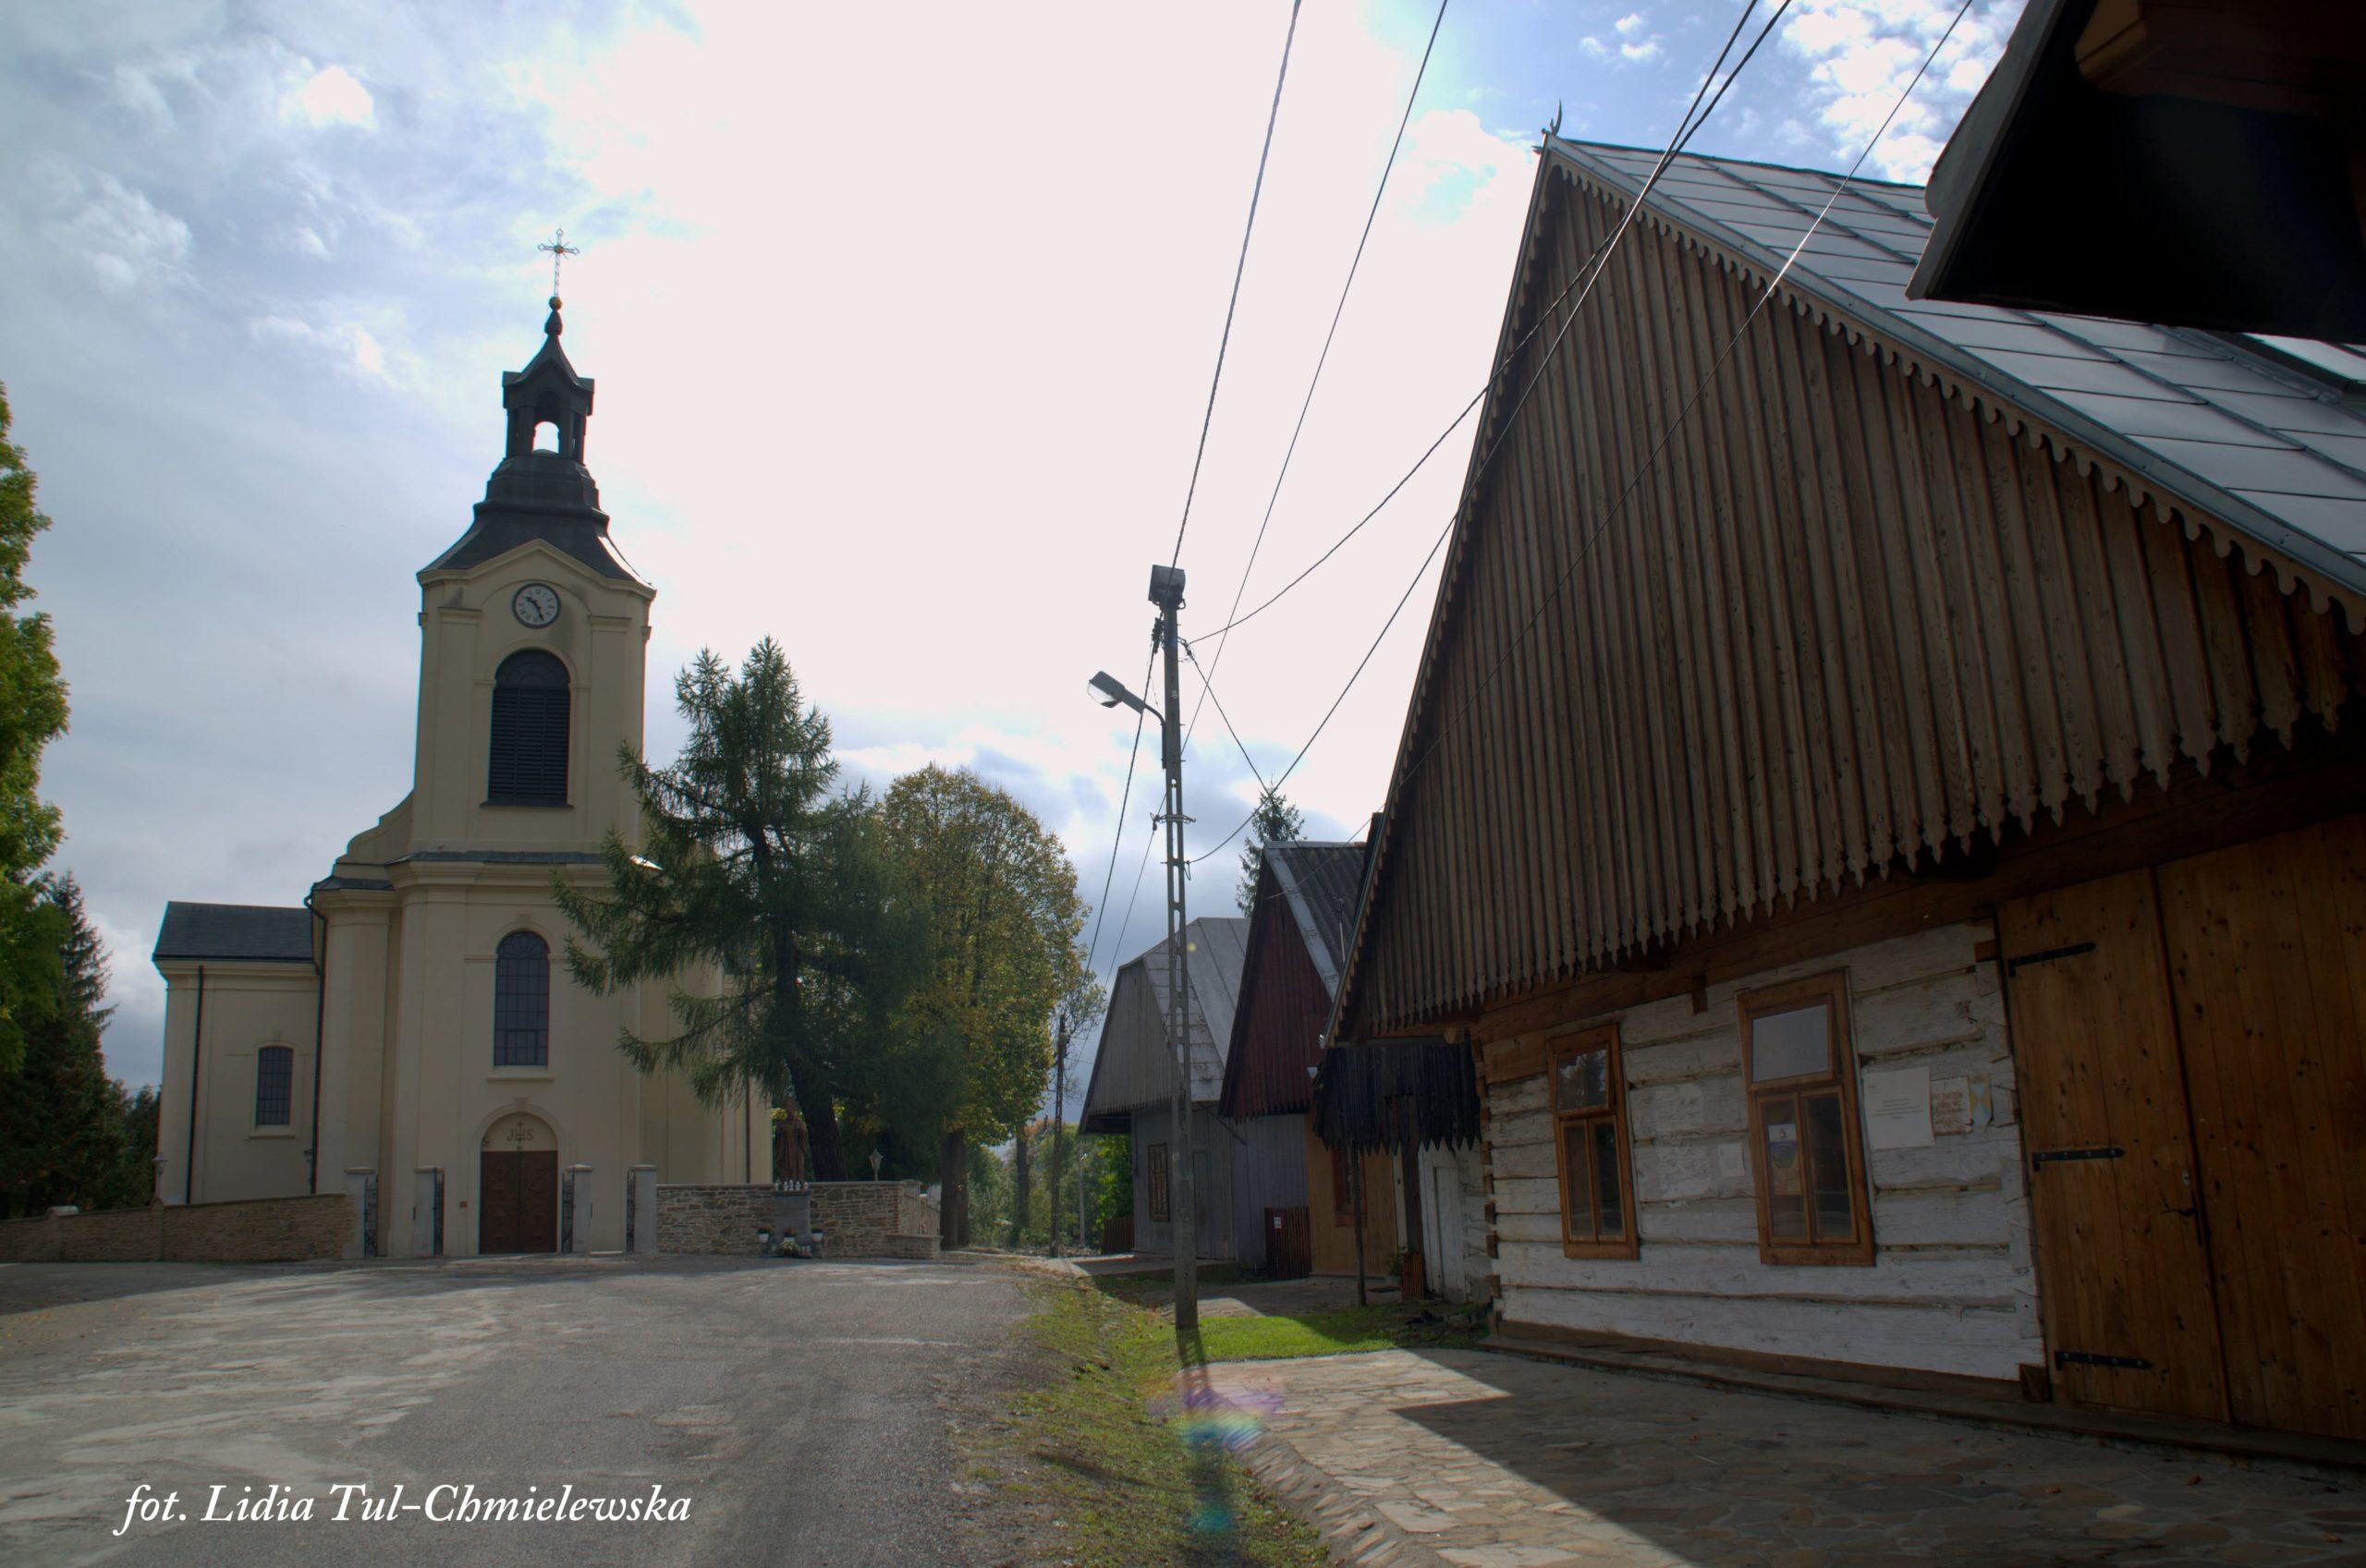 Jaśliska / fot. Lidia Tul-Chmielewska